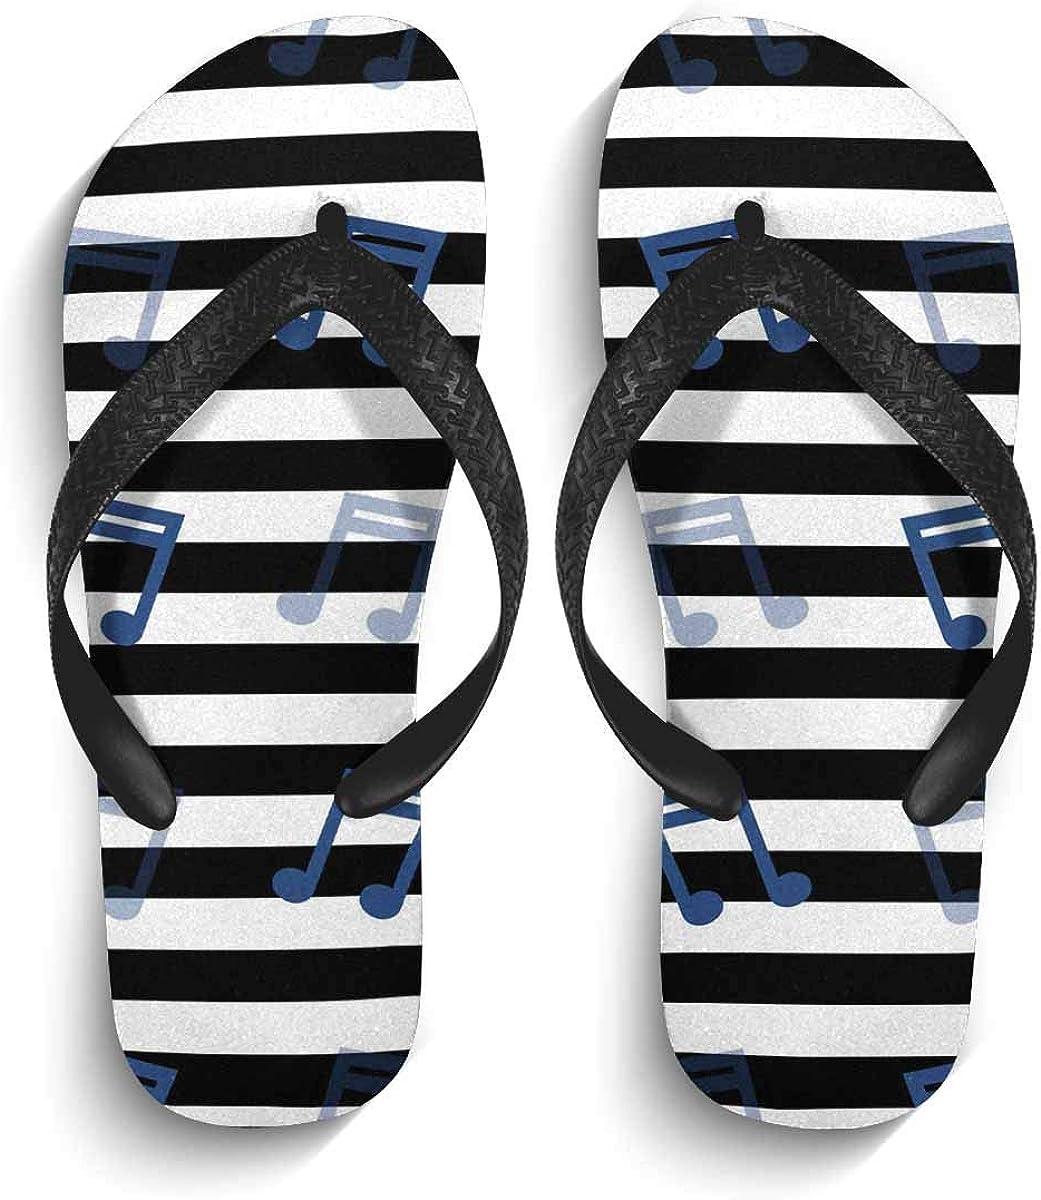 InterestPrint Non-Slip Flip Flops Black Straps Music Note Cute Pattern Summer Beach Thong Sandal for Men